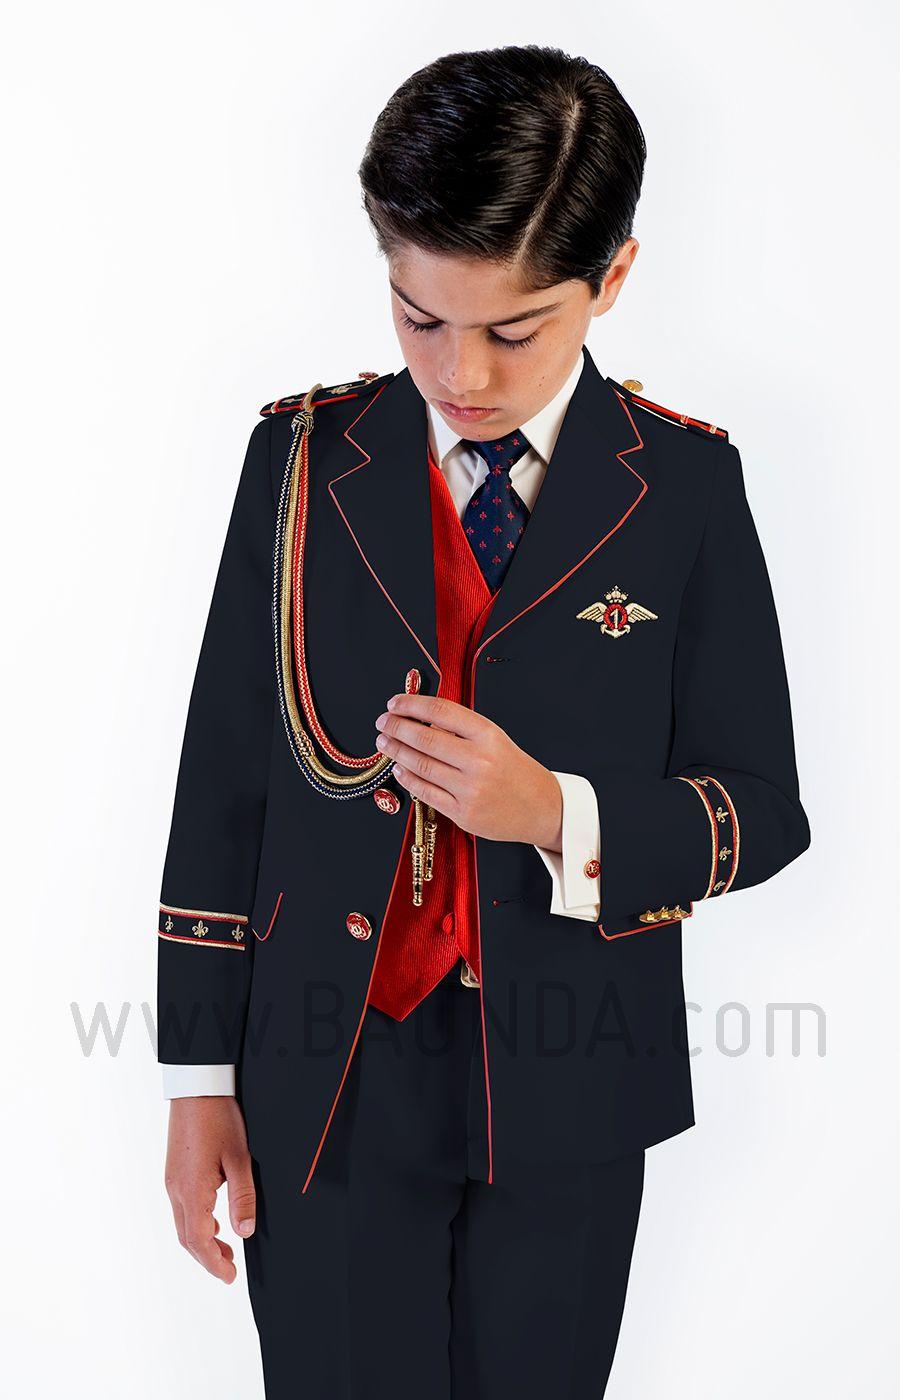 Traje de almirante rojo 2018 Varones 2058 para comunión de niño con  americana azul marino chaleco 4f6cf184a7c0